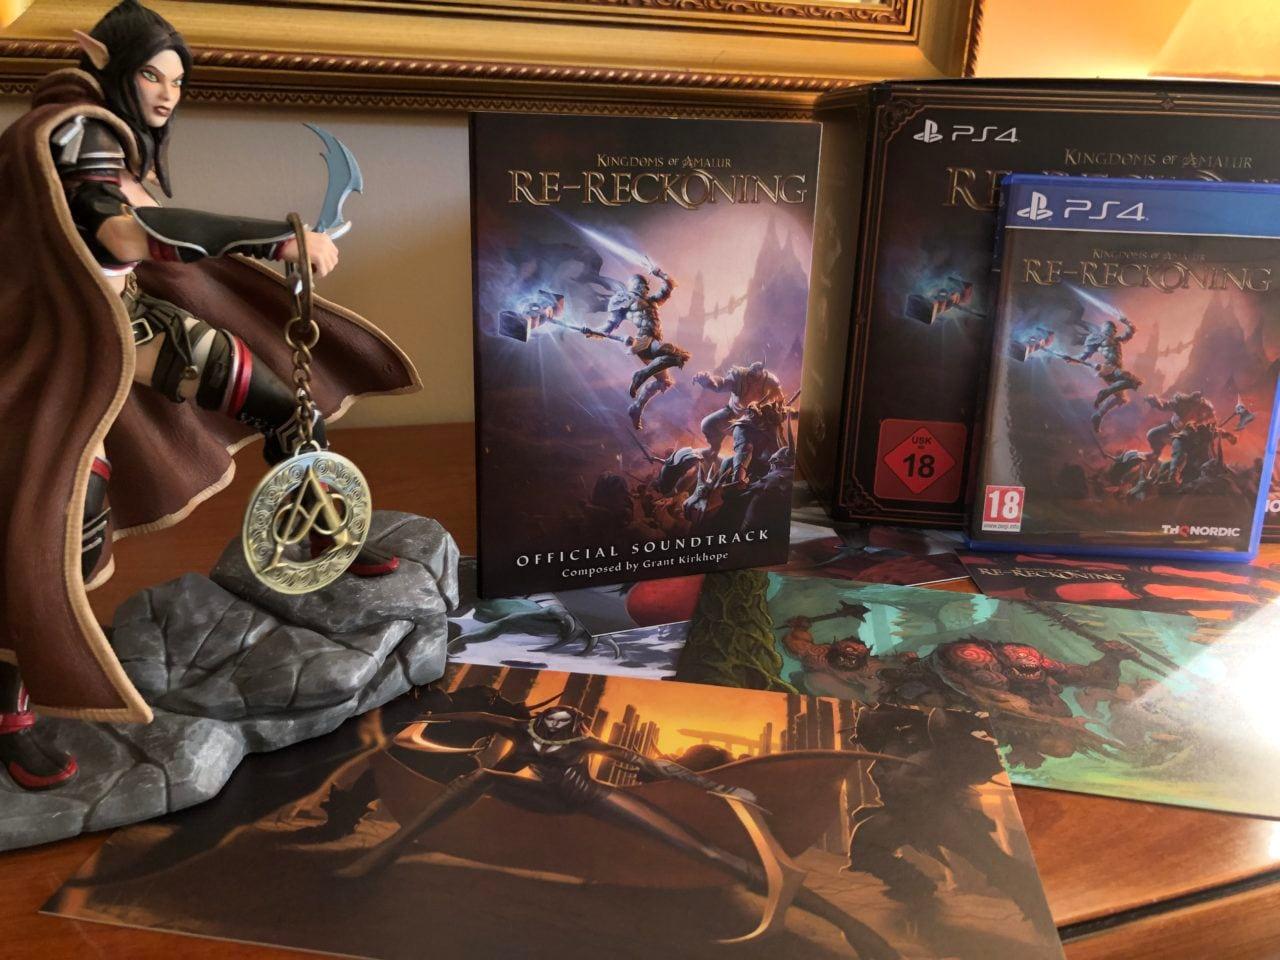 Fissata la data del rilascio di Kingdoms of Amalur: Re-Reckoning per Nintendo Switch